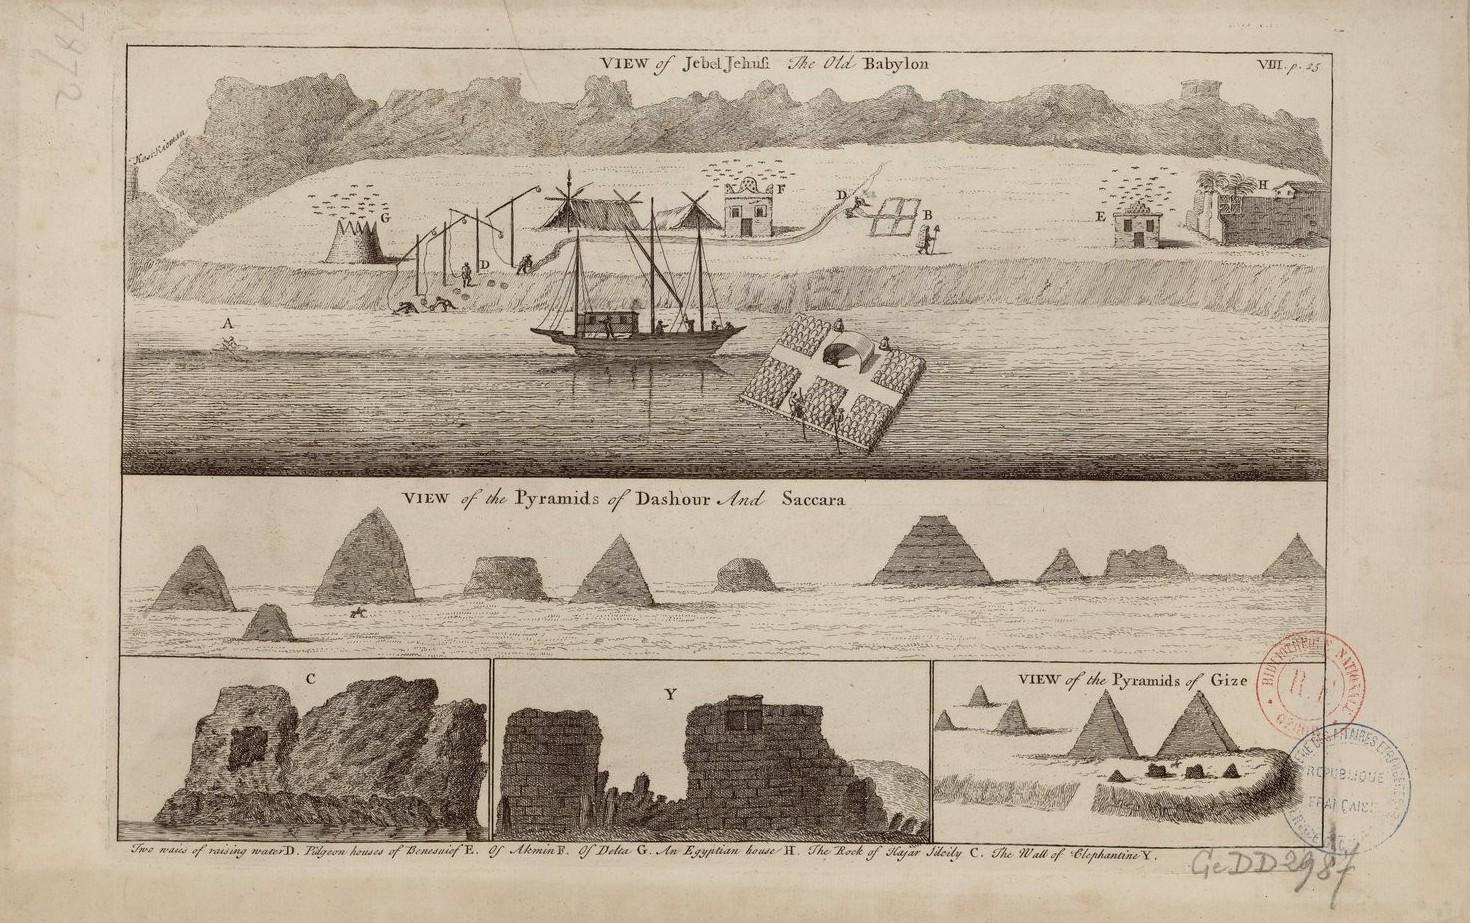 Вид Джебель-Баркала, старого Вавилона; Вид на пирамиды Дахшура и Саккары; Вид на пирамиды Гизы